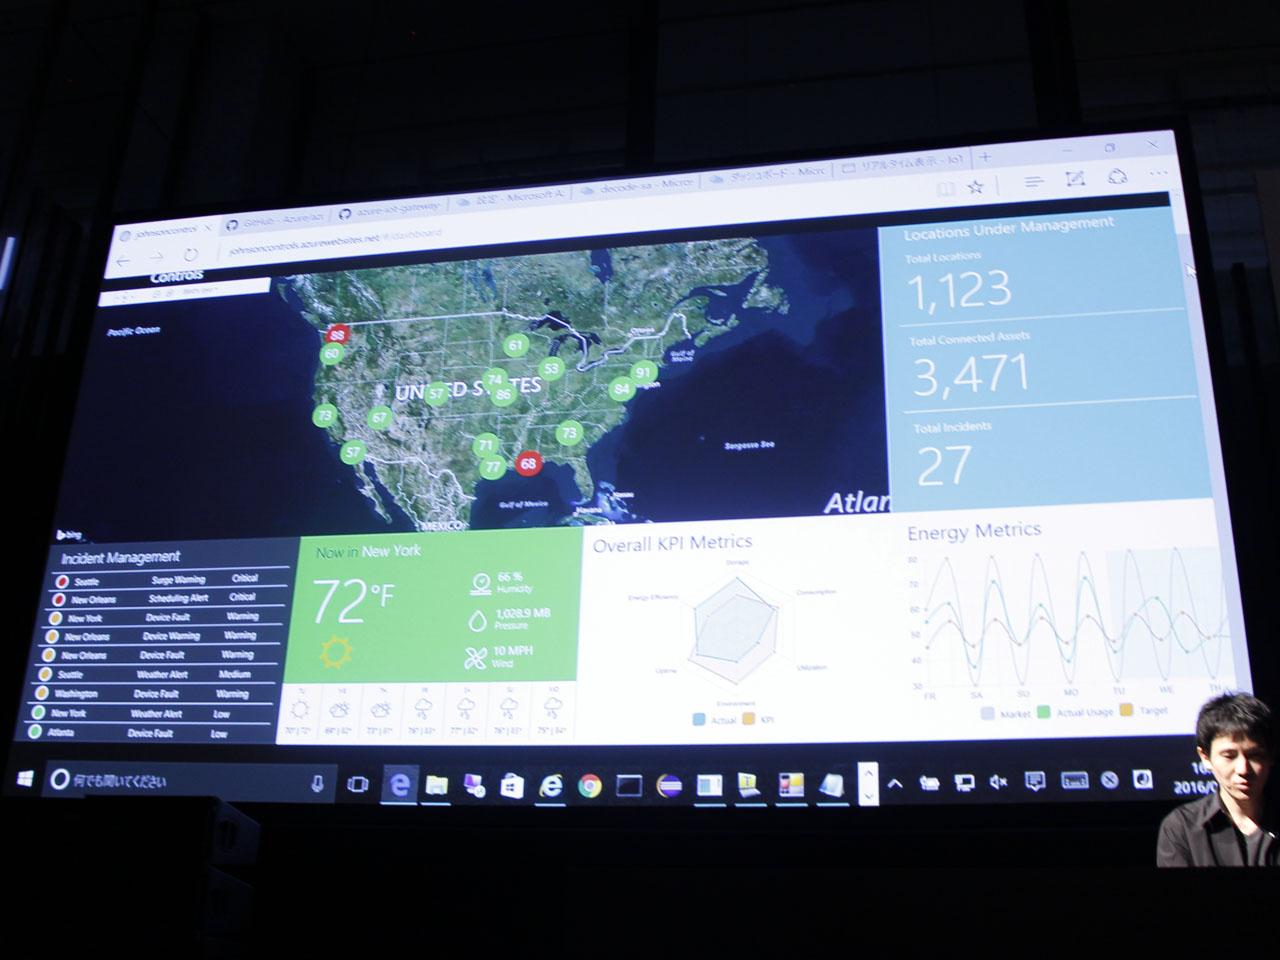 リモートで施設管理を行う米国のビル管理会社でのAzure IoT活用例。赤く表示されたシアトルとニューオリンズのビルにアラートが通知されている